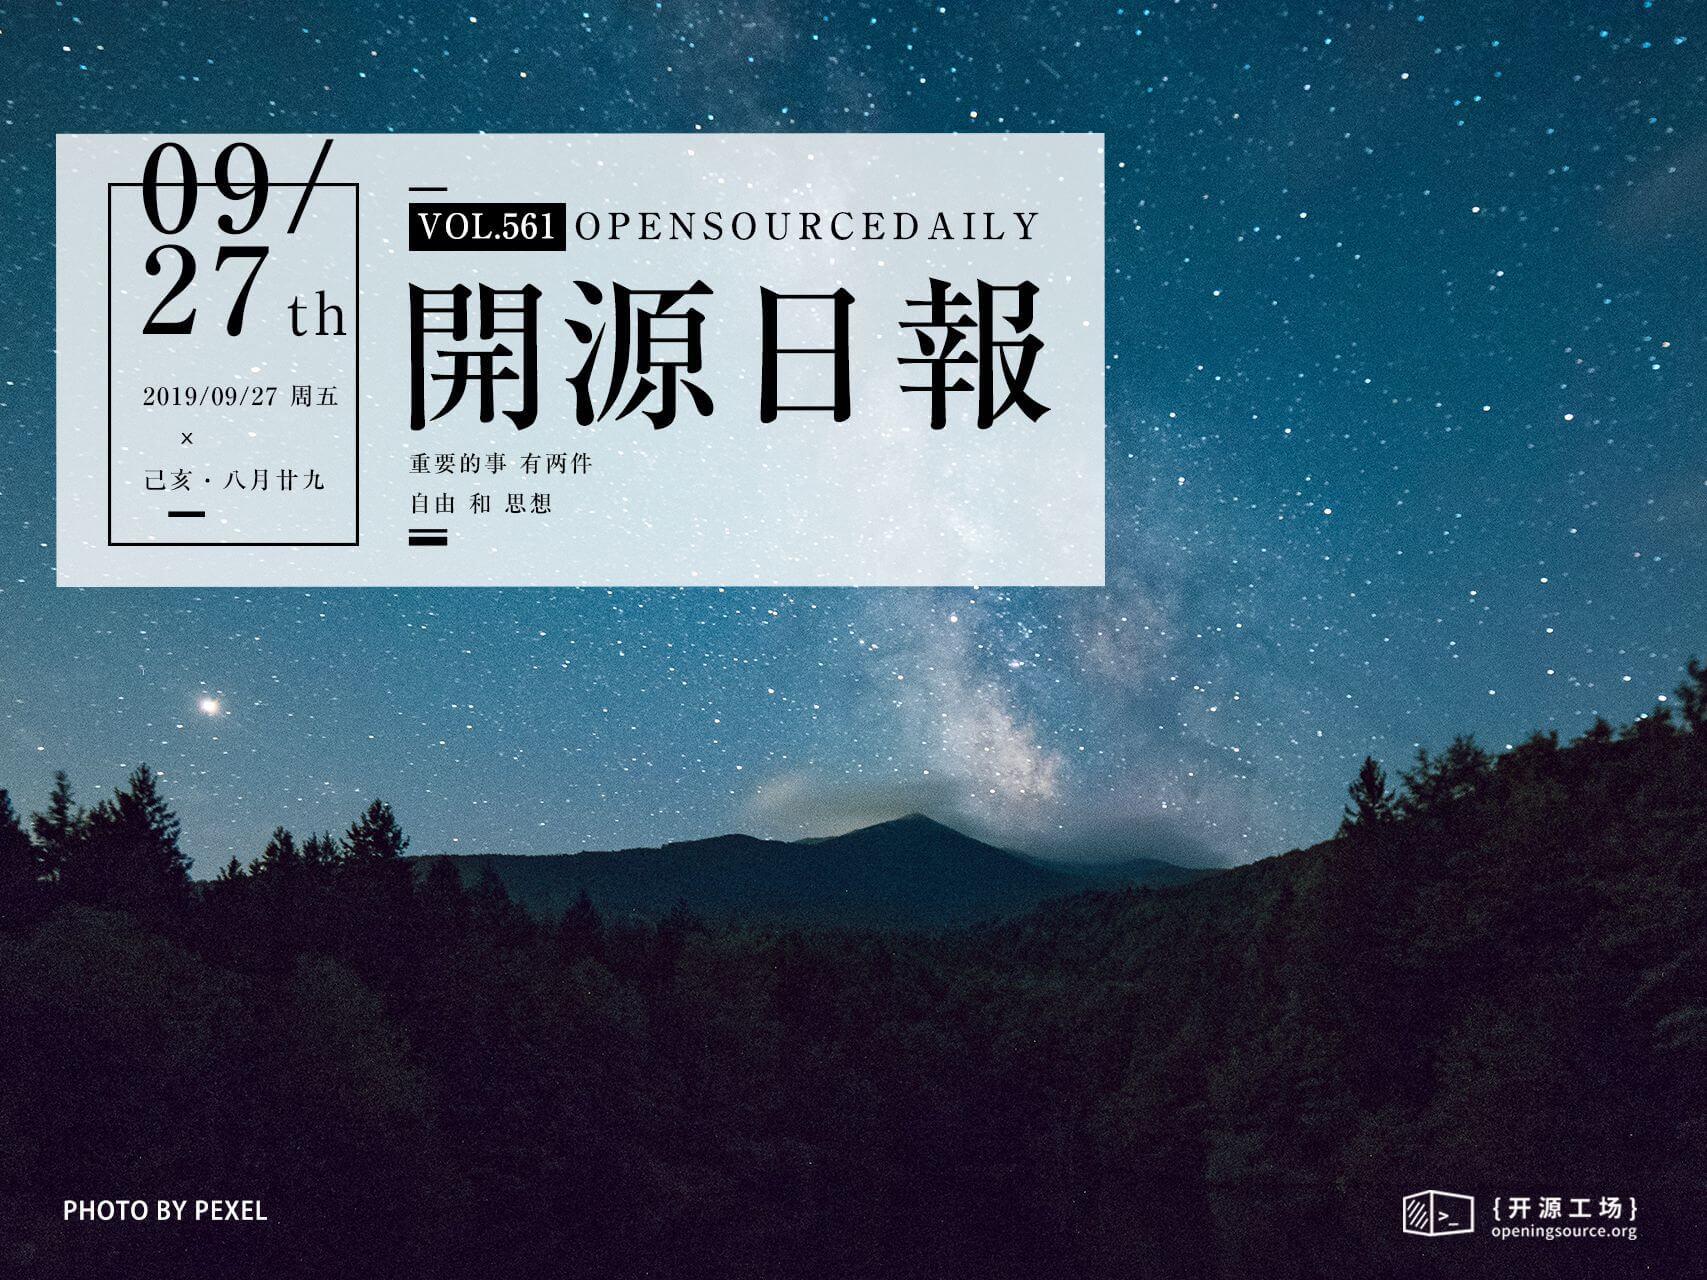 开源日报第561期:《读史使人明智 tongjian》